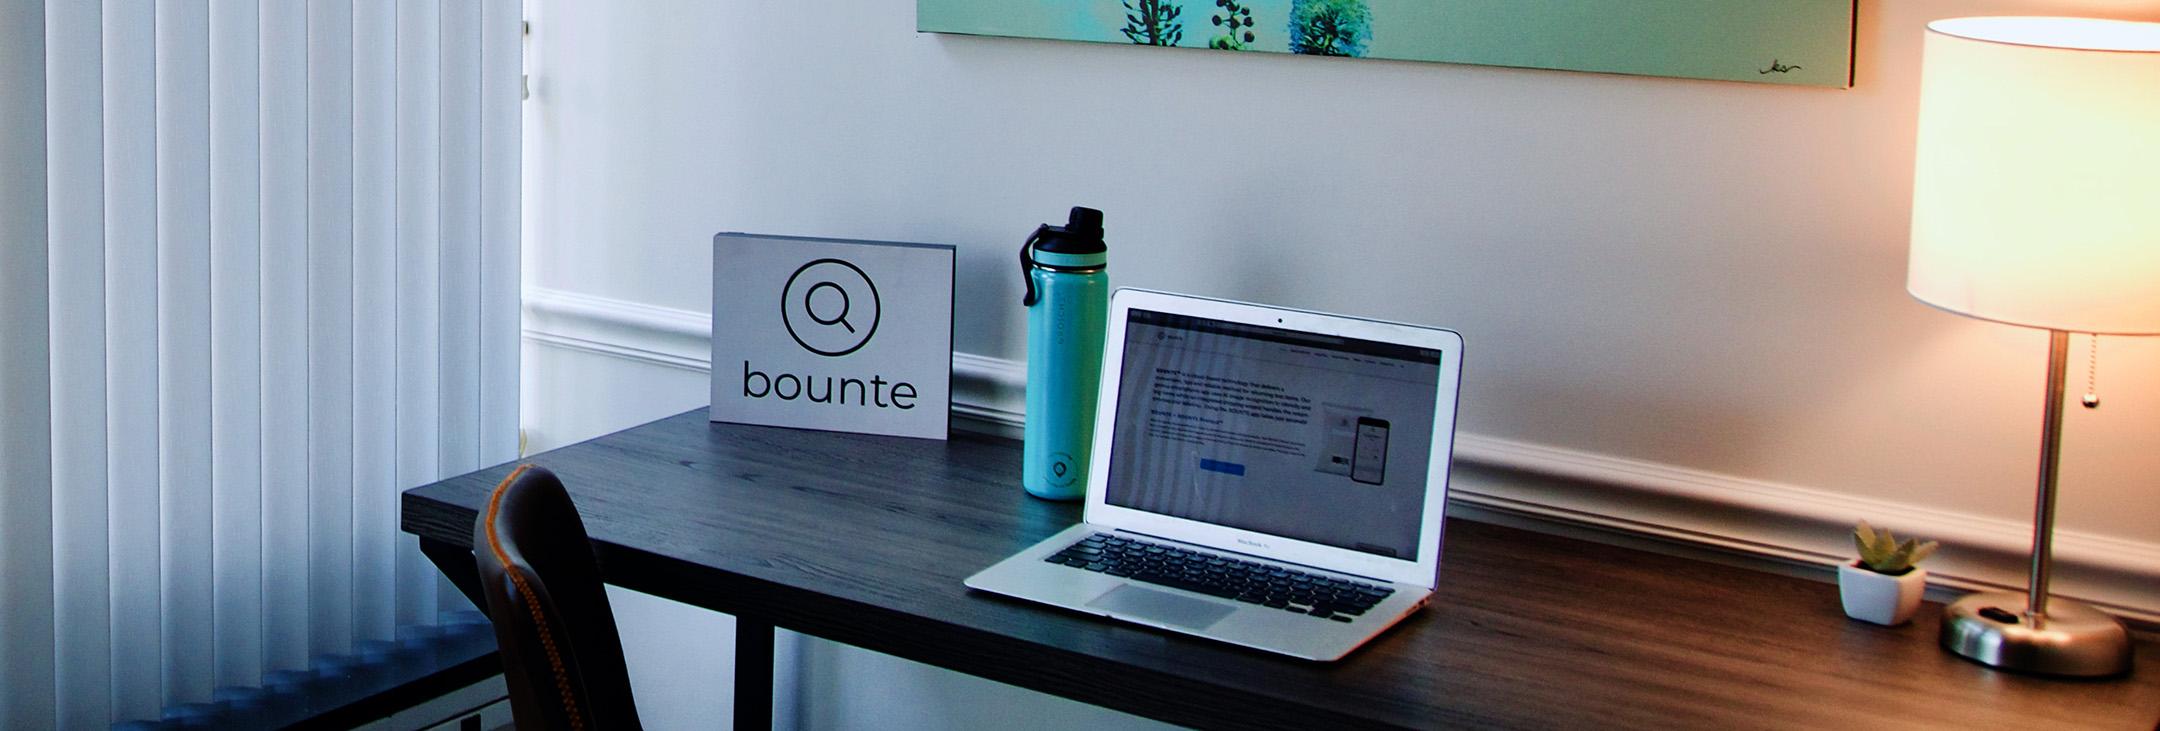 BOUNTE Desk